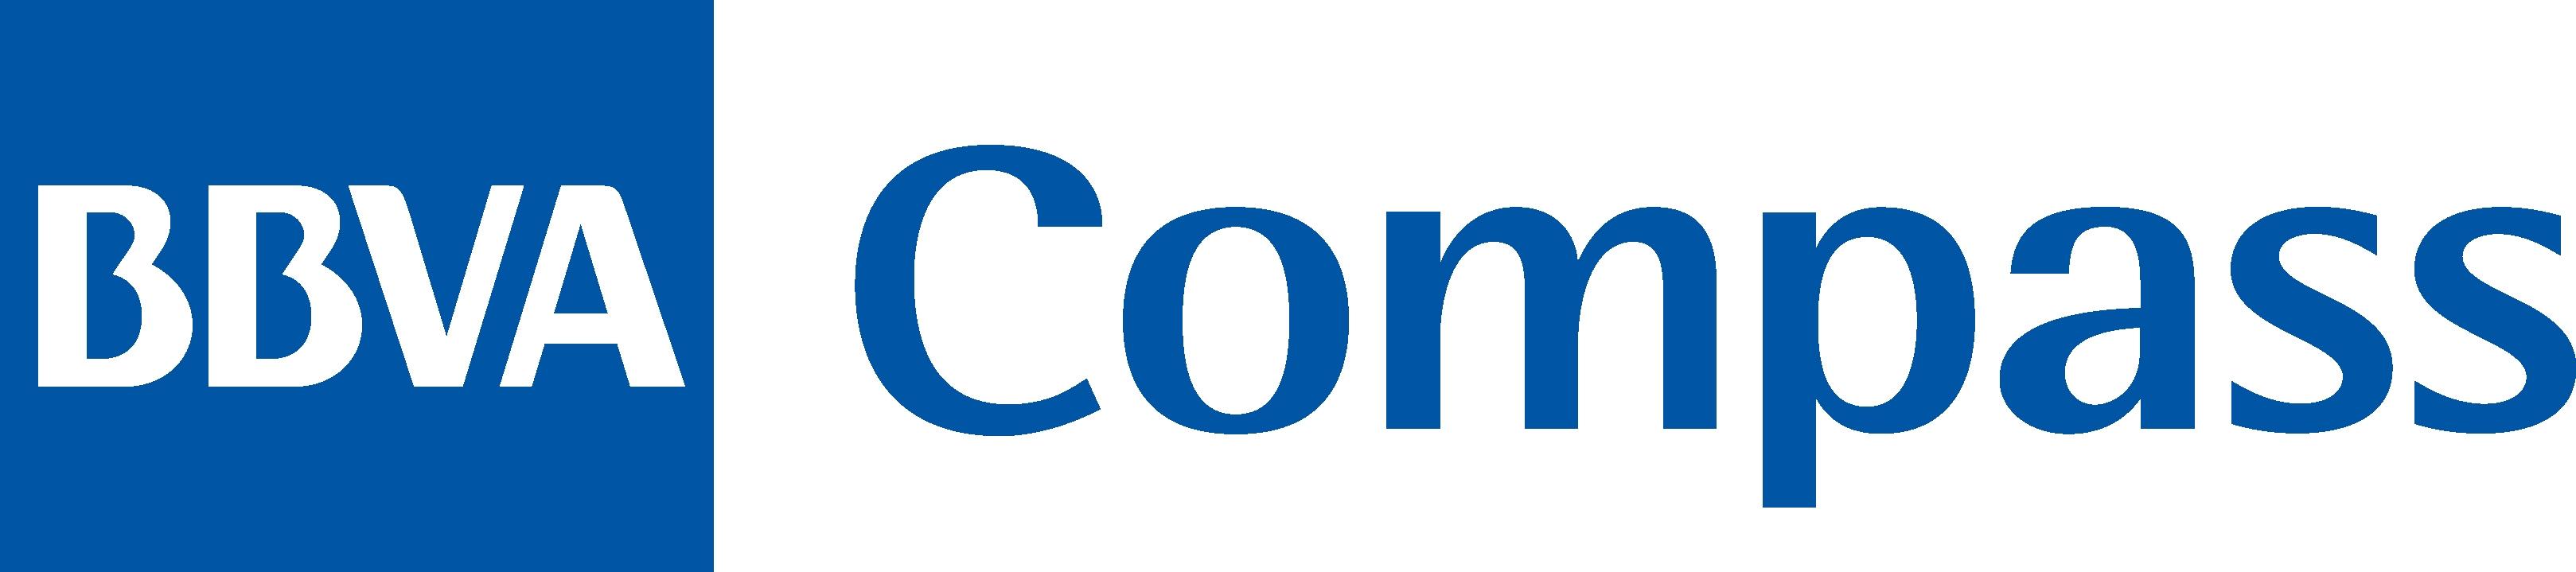 bücher verkaufen Top 8 der Compass Bank Overnight Payoff Address ...